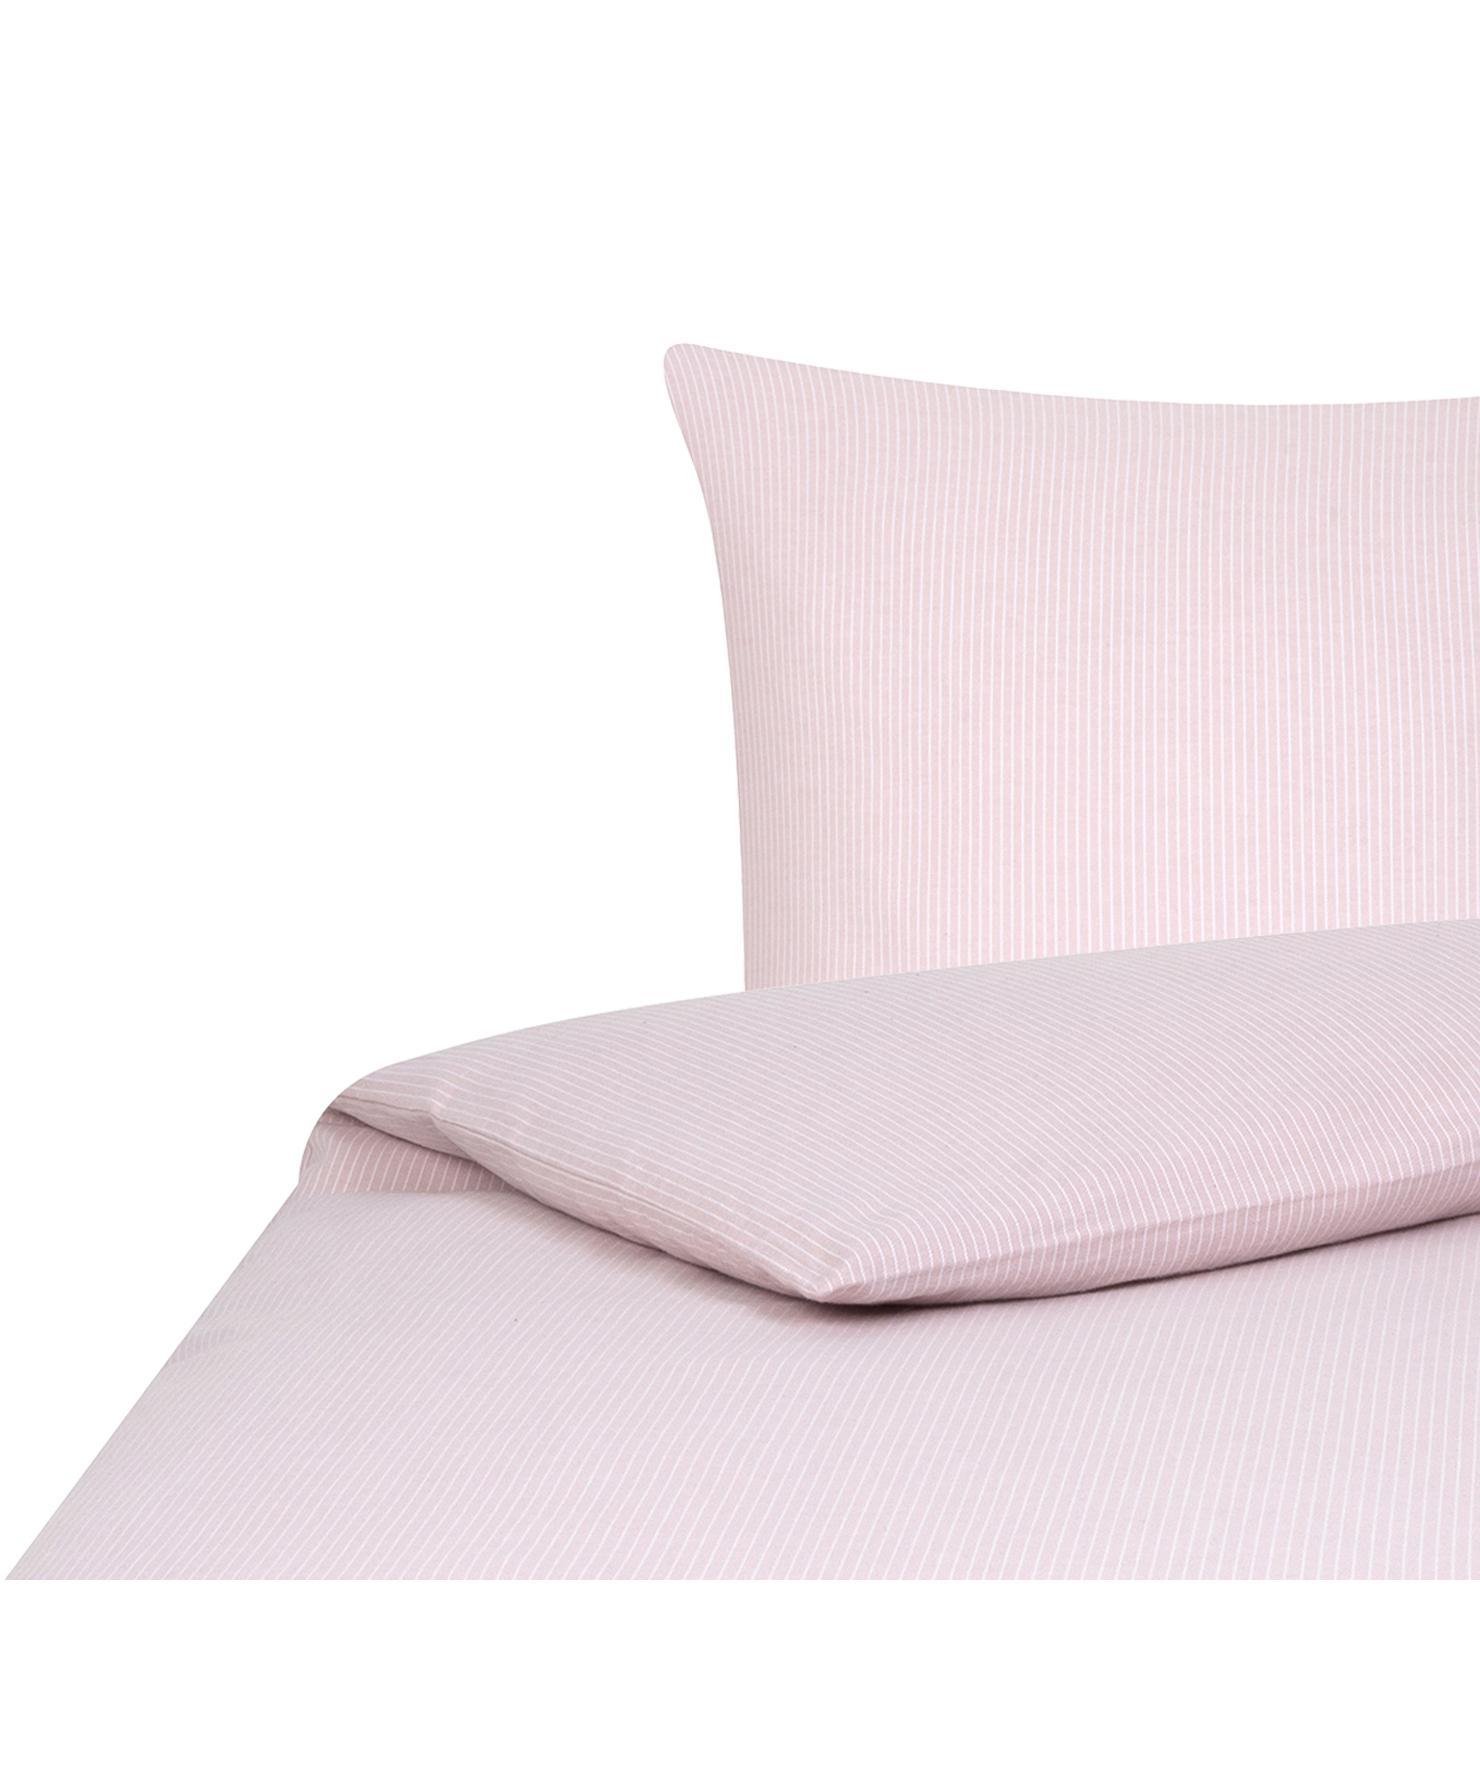 Flanell-Bettwäsche Rae, fein gestreift, Webart: Flanell Flanell ist ein s, Rosa, Weiß, 155 x 220 cm + 1 Kissen 80 x 80 cm